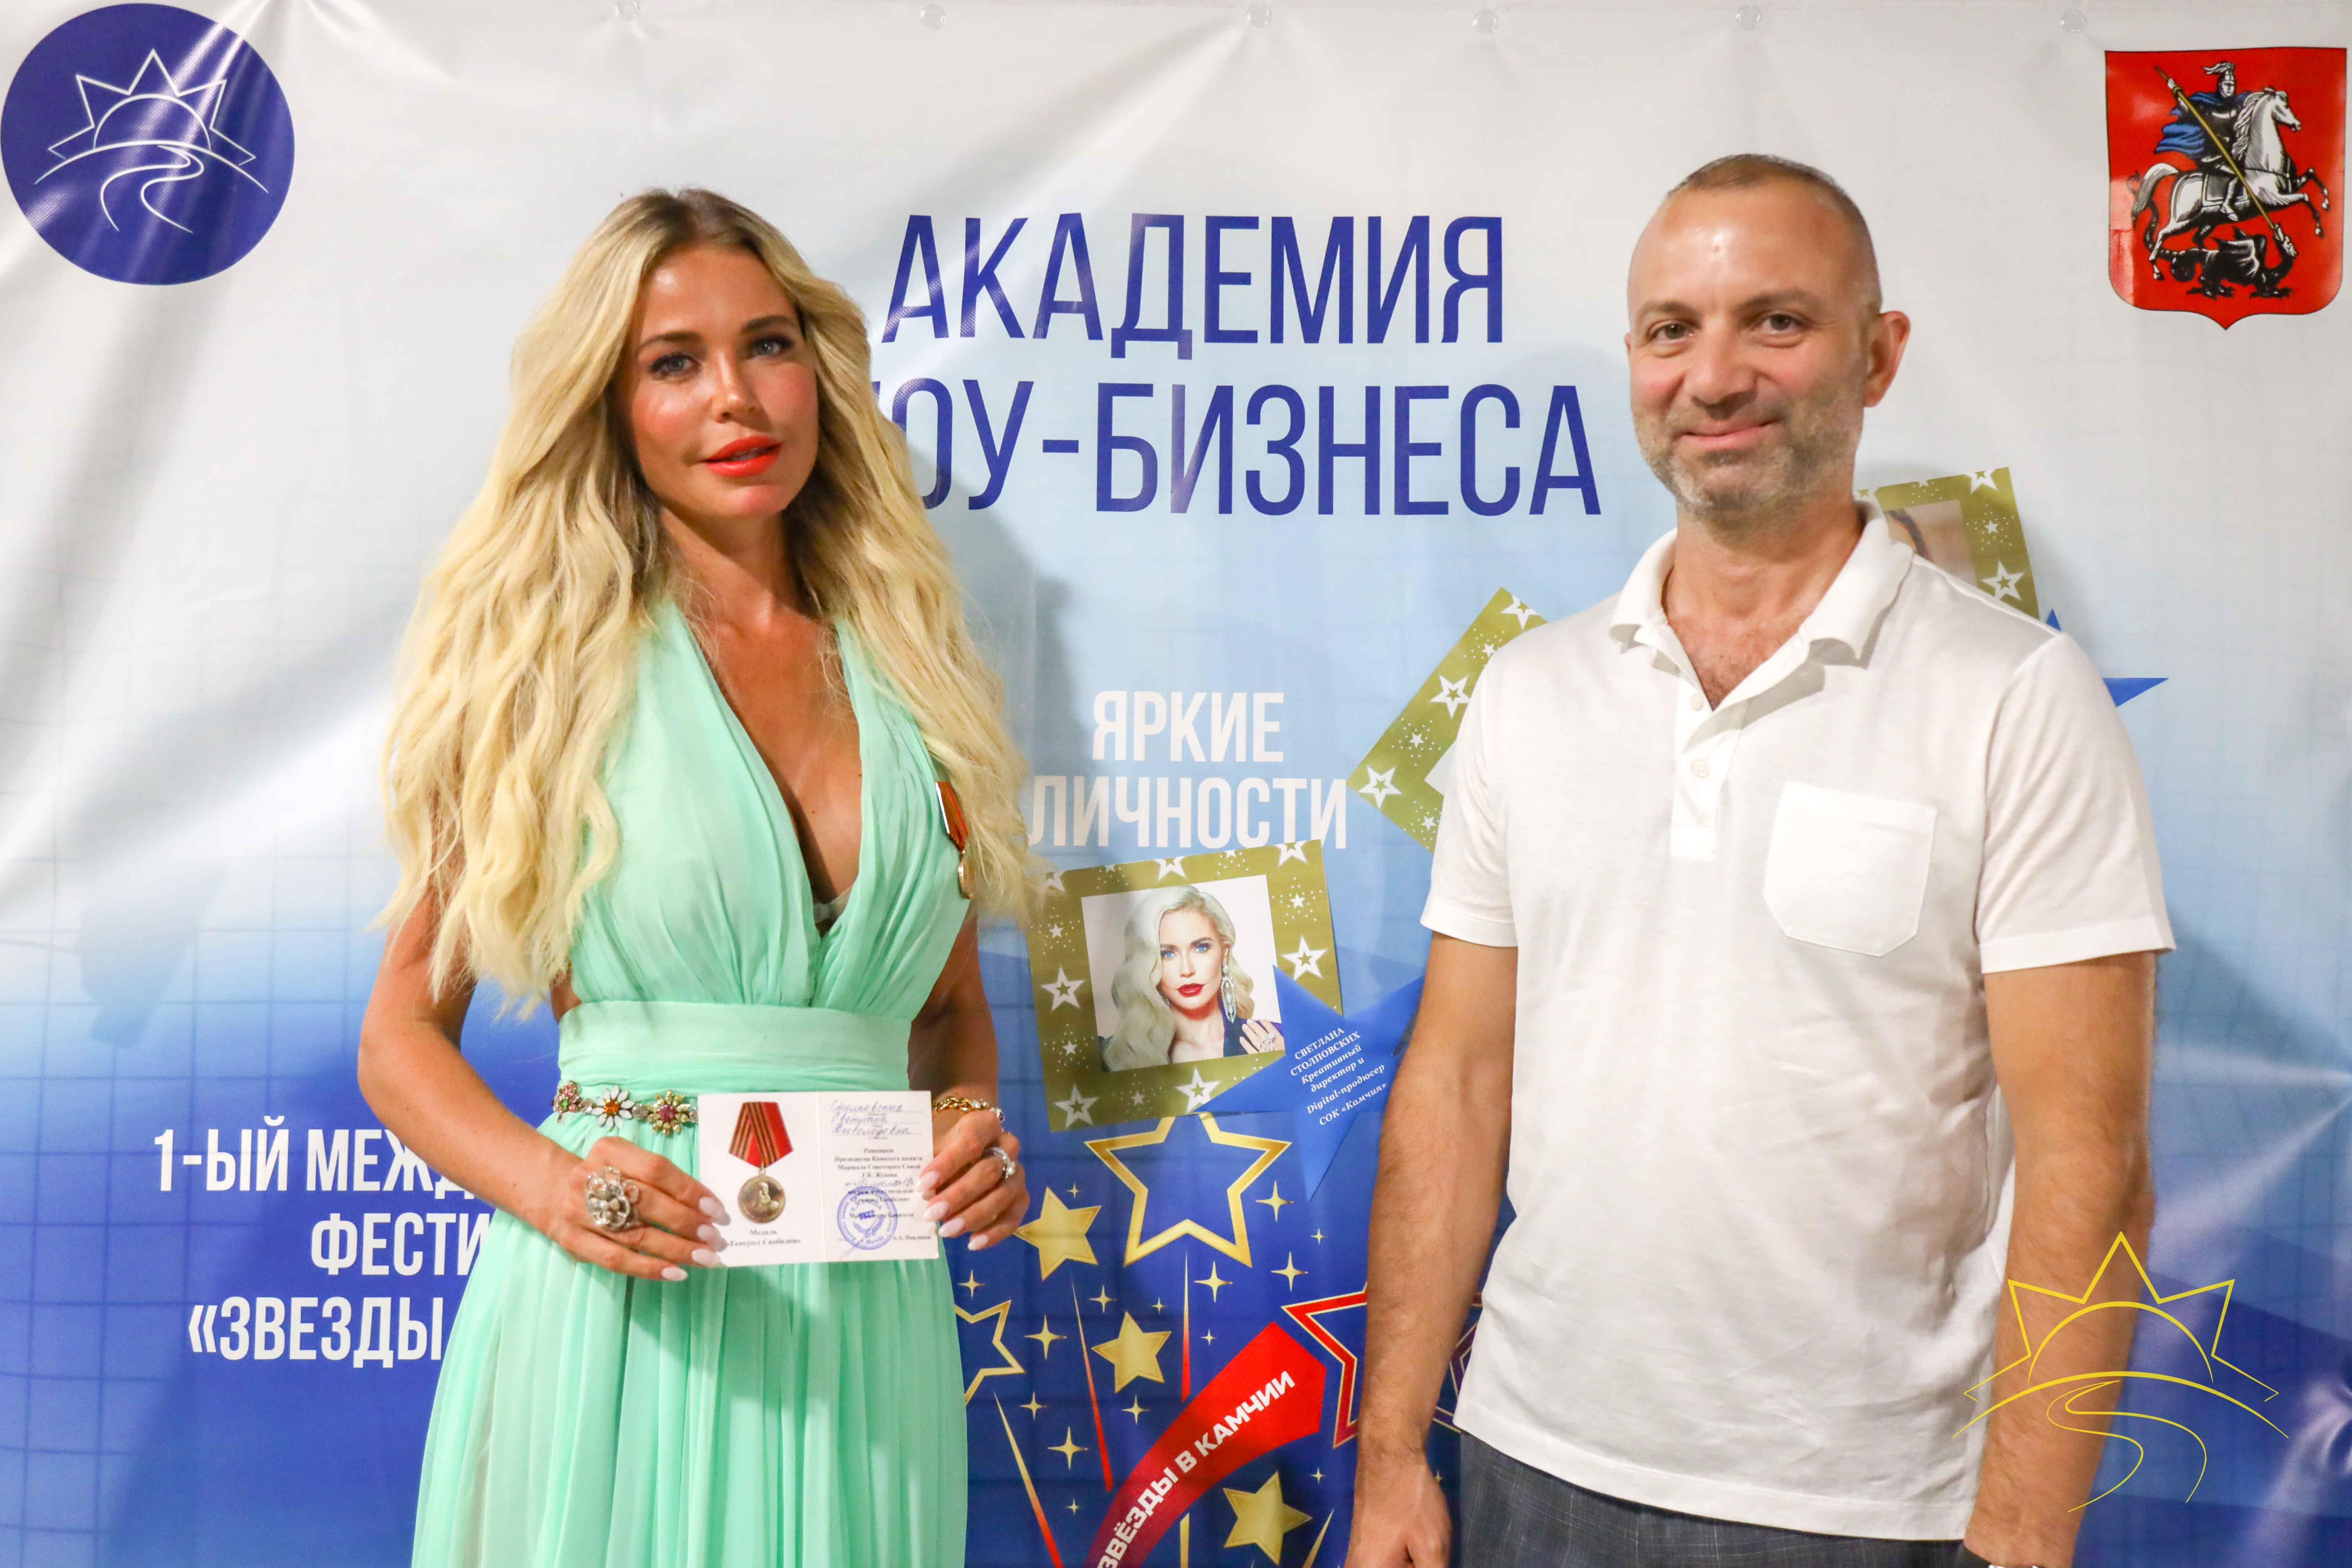 Креативному директору СОК «Камчия» г-же Светлане Столповских вручили памятную медаль